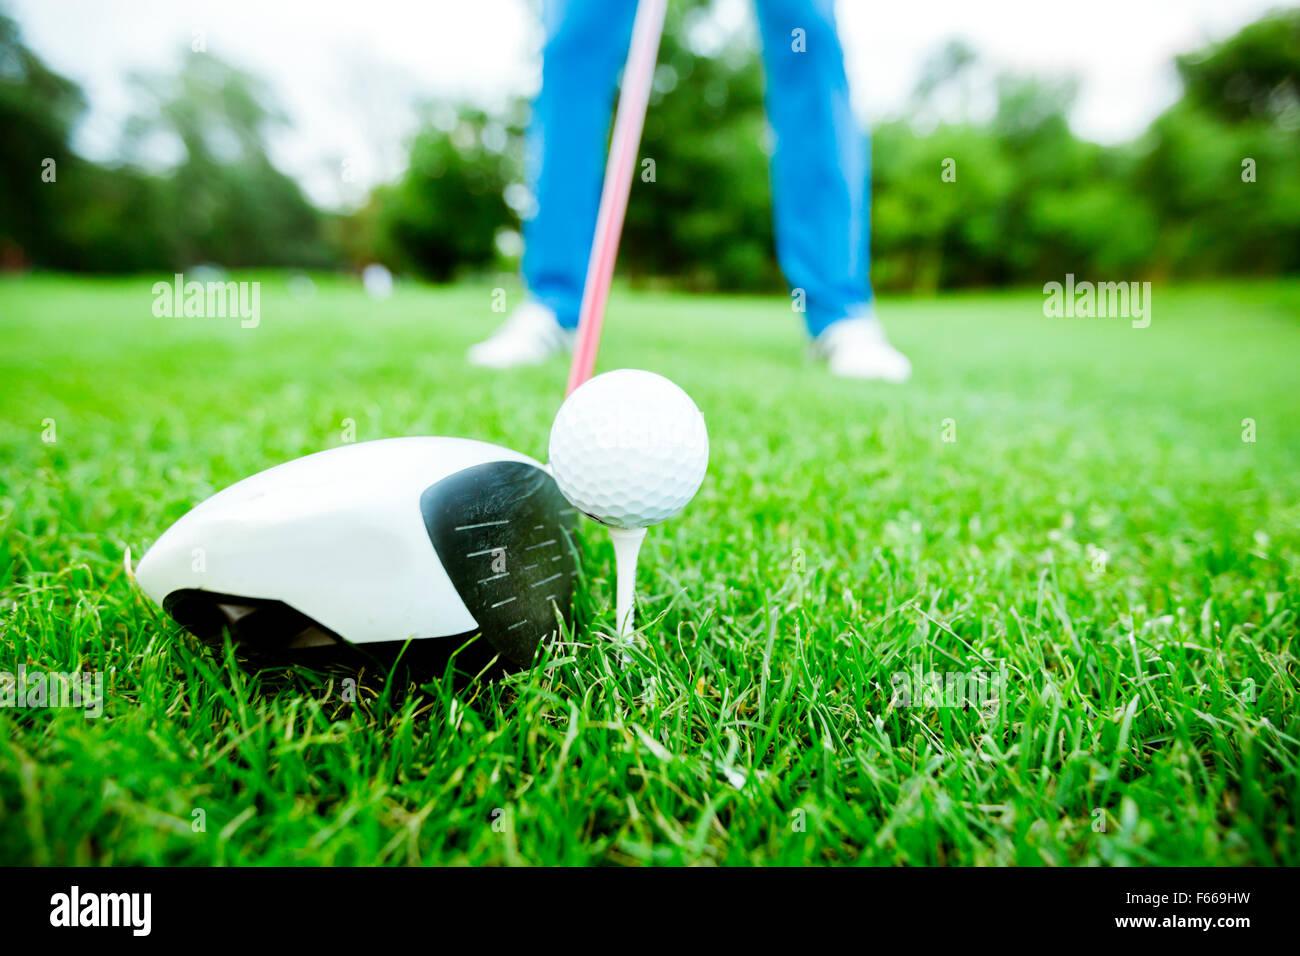 Golfista preparándose para tomar una foto. Gran angular y foto closeup Imagen De Stock